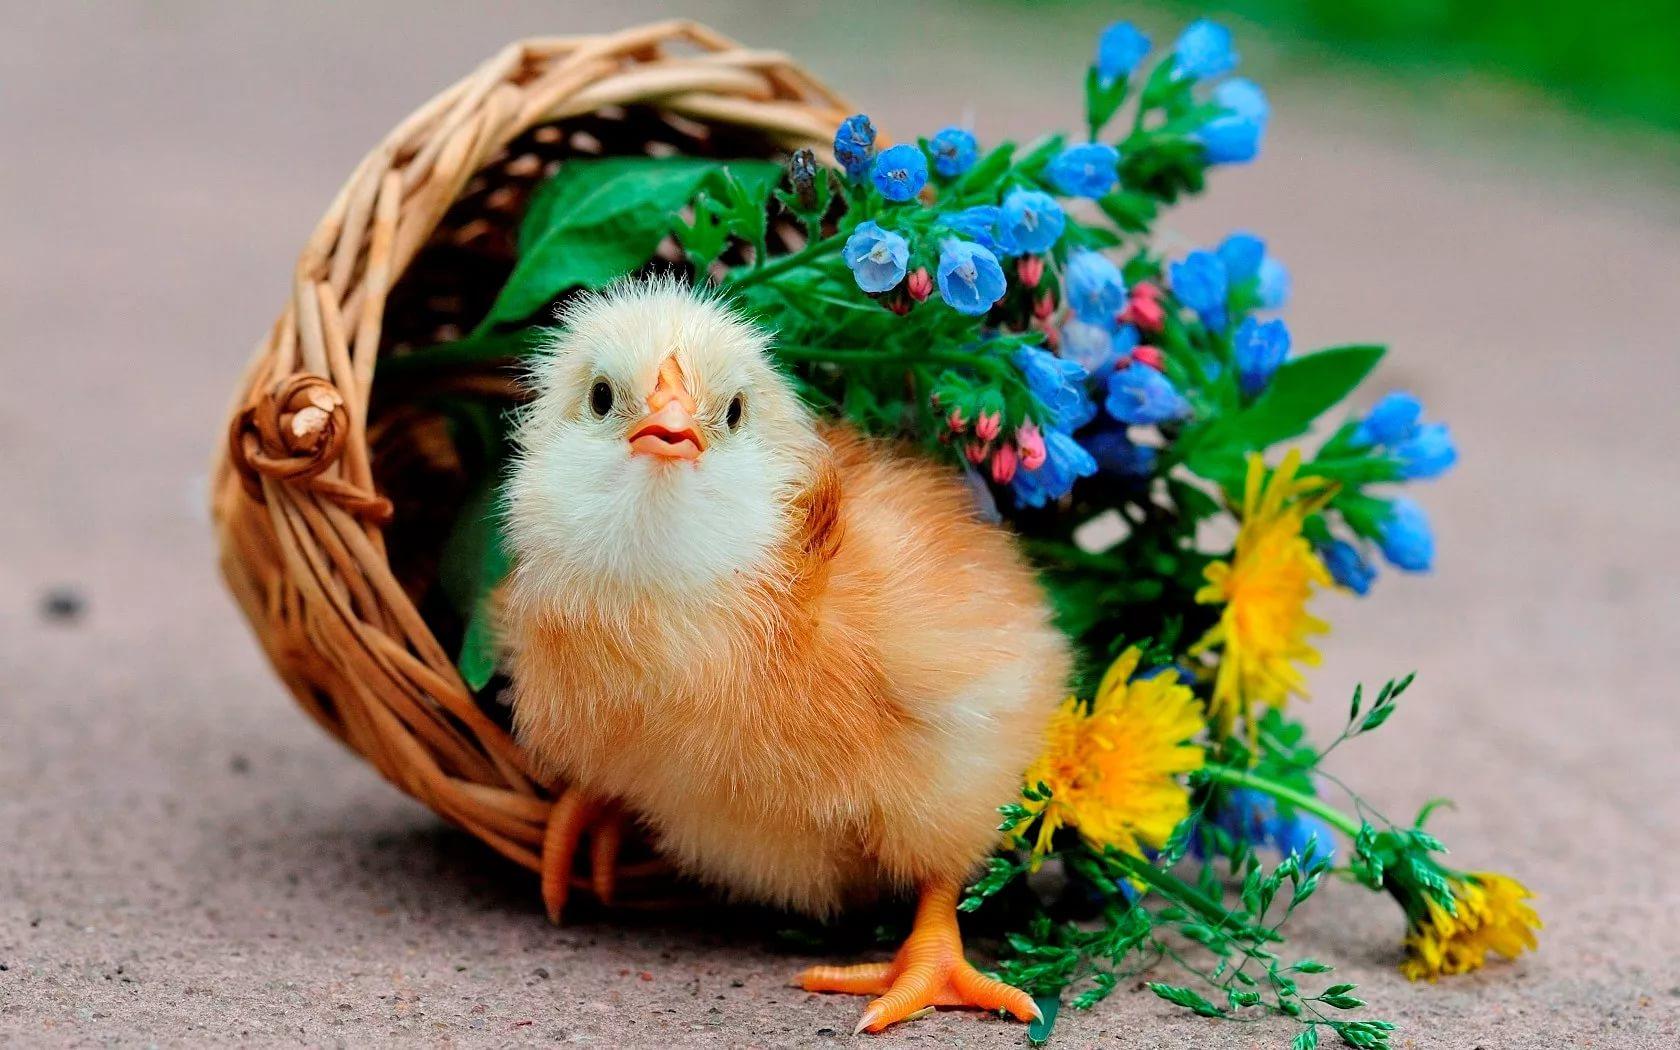 Красивые животные картинки смешные